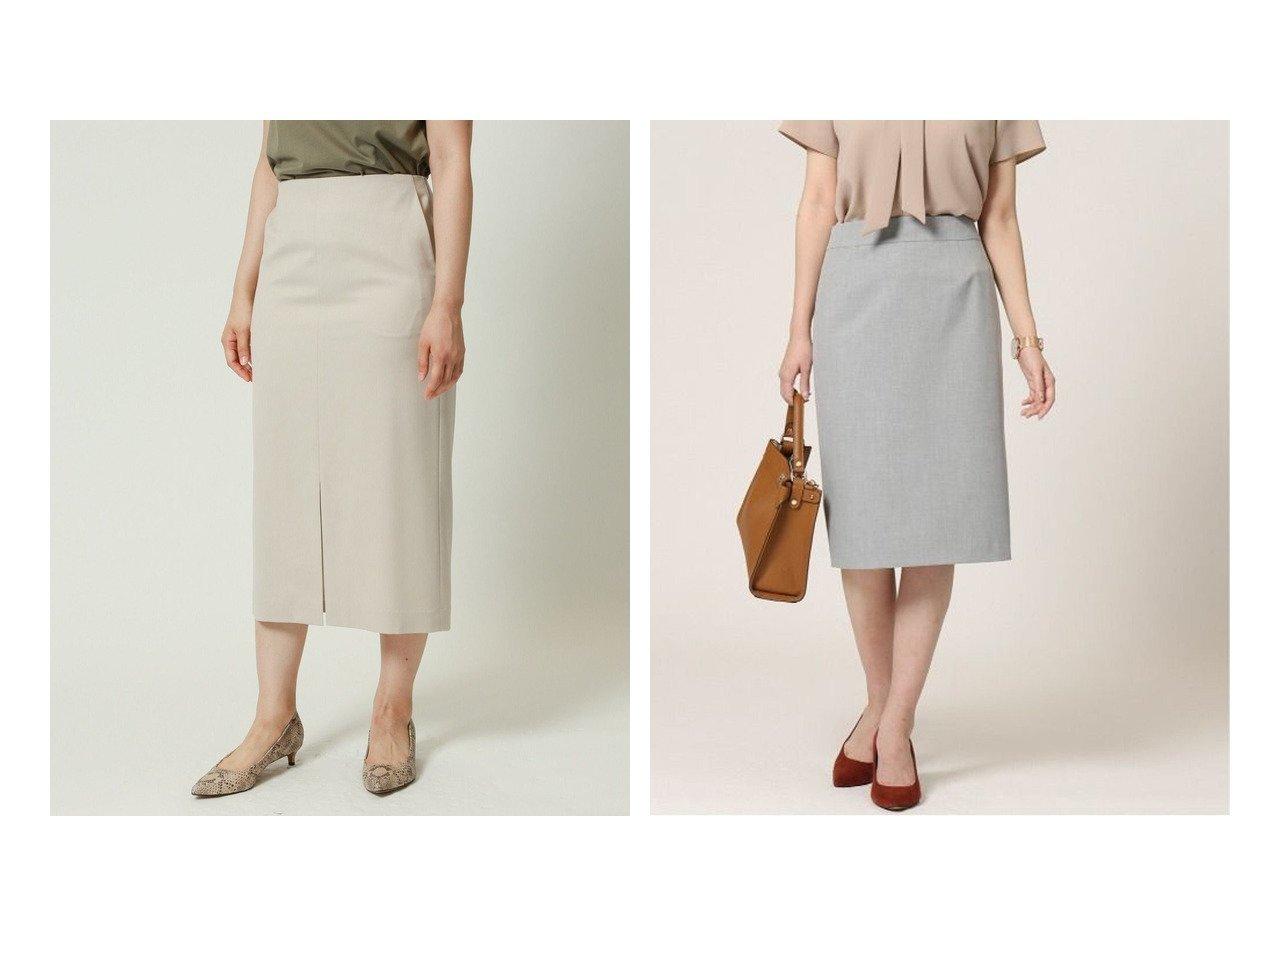 【KASHIYAMA EASY/カシヤマ イージー】のRツイルストレッチタイトスカート&2Wayパワーストレッチタイトスカート 【スカート】おすすめ!人気、トレンド・レディースファッションの通販   おすすめで人気の流行・トレンド、ファッションの通販商品 インテリア・家具・メンズファッション・キッズファッション・レディースファッション・服の通販 founy(ファニー) https://founy.com/ ファッション Fashion レディースファッション WOMEN スカート Skirt 洗える シンプル ジャケット ストレッチ ストレート スリム スーツ セットアップ タイトスカート 人気 おすすめ Recommend |ID:crp329100000057114